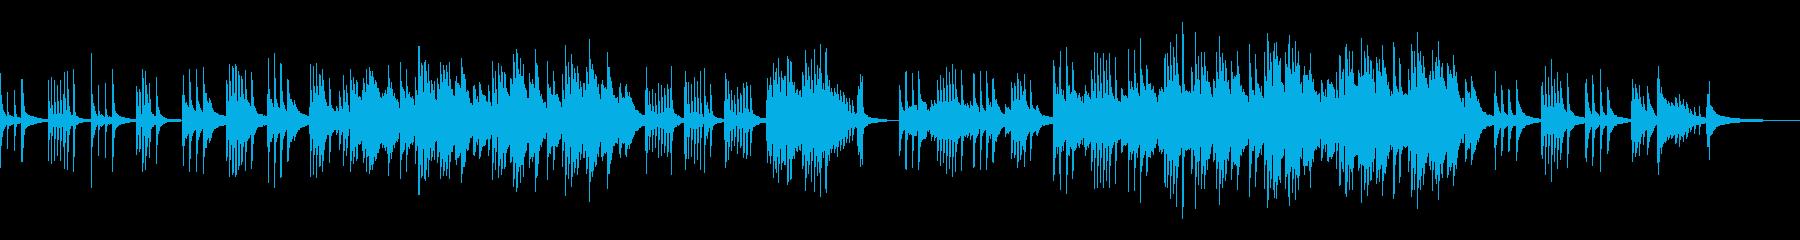 ピアノソロ アンビエント感 切ない 空の再生済みの波形